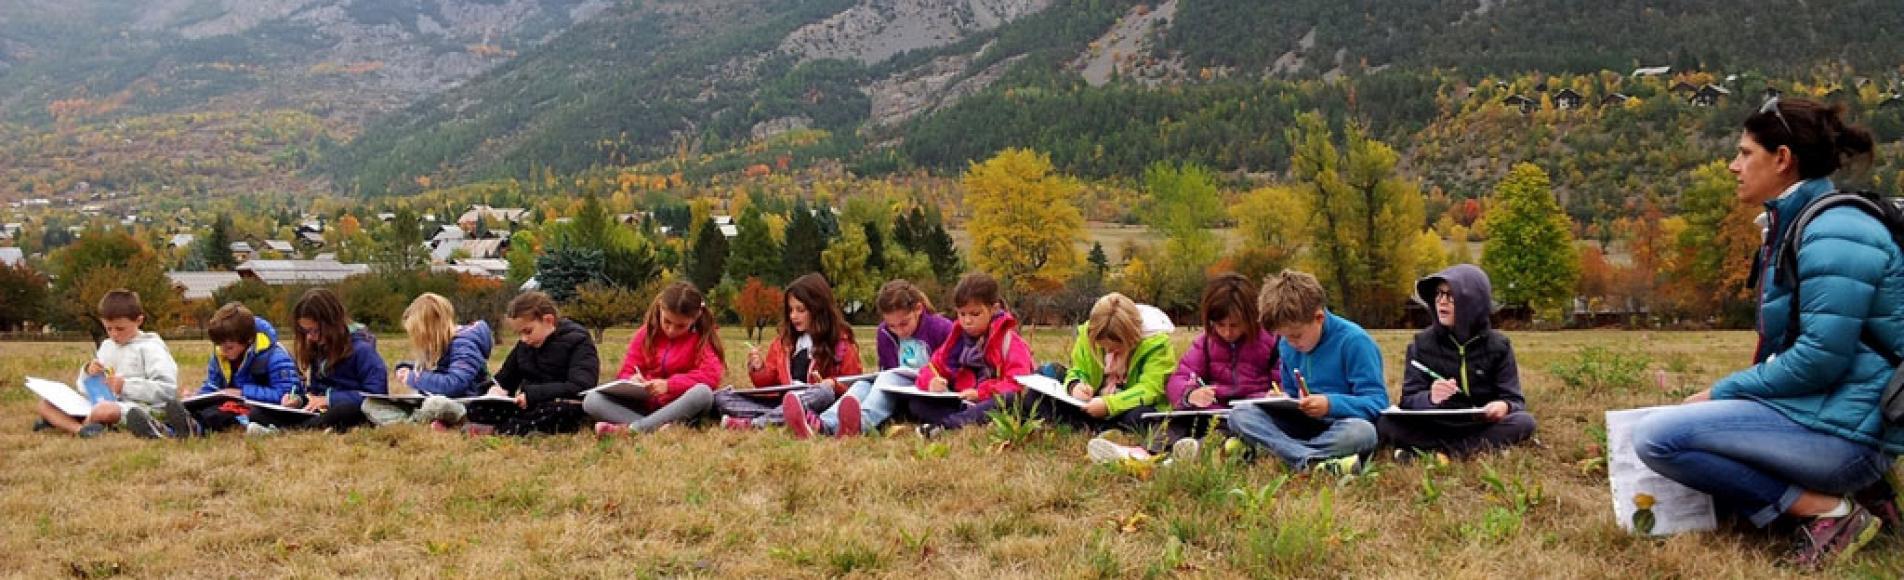 sortie automne 2017 - école Vallouise - © C. Albert - Parc national des Ecrins